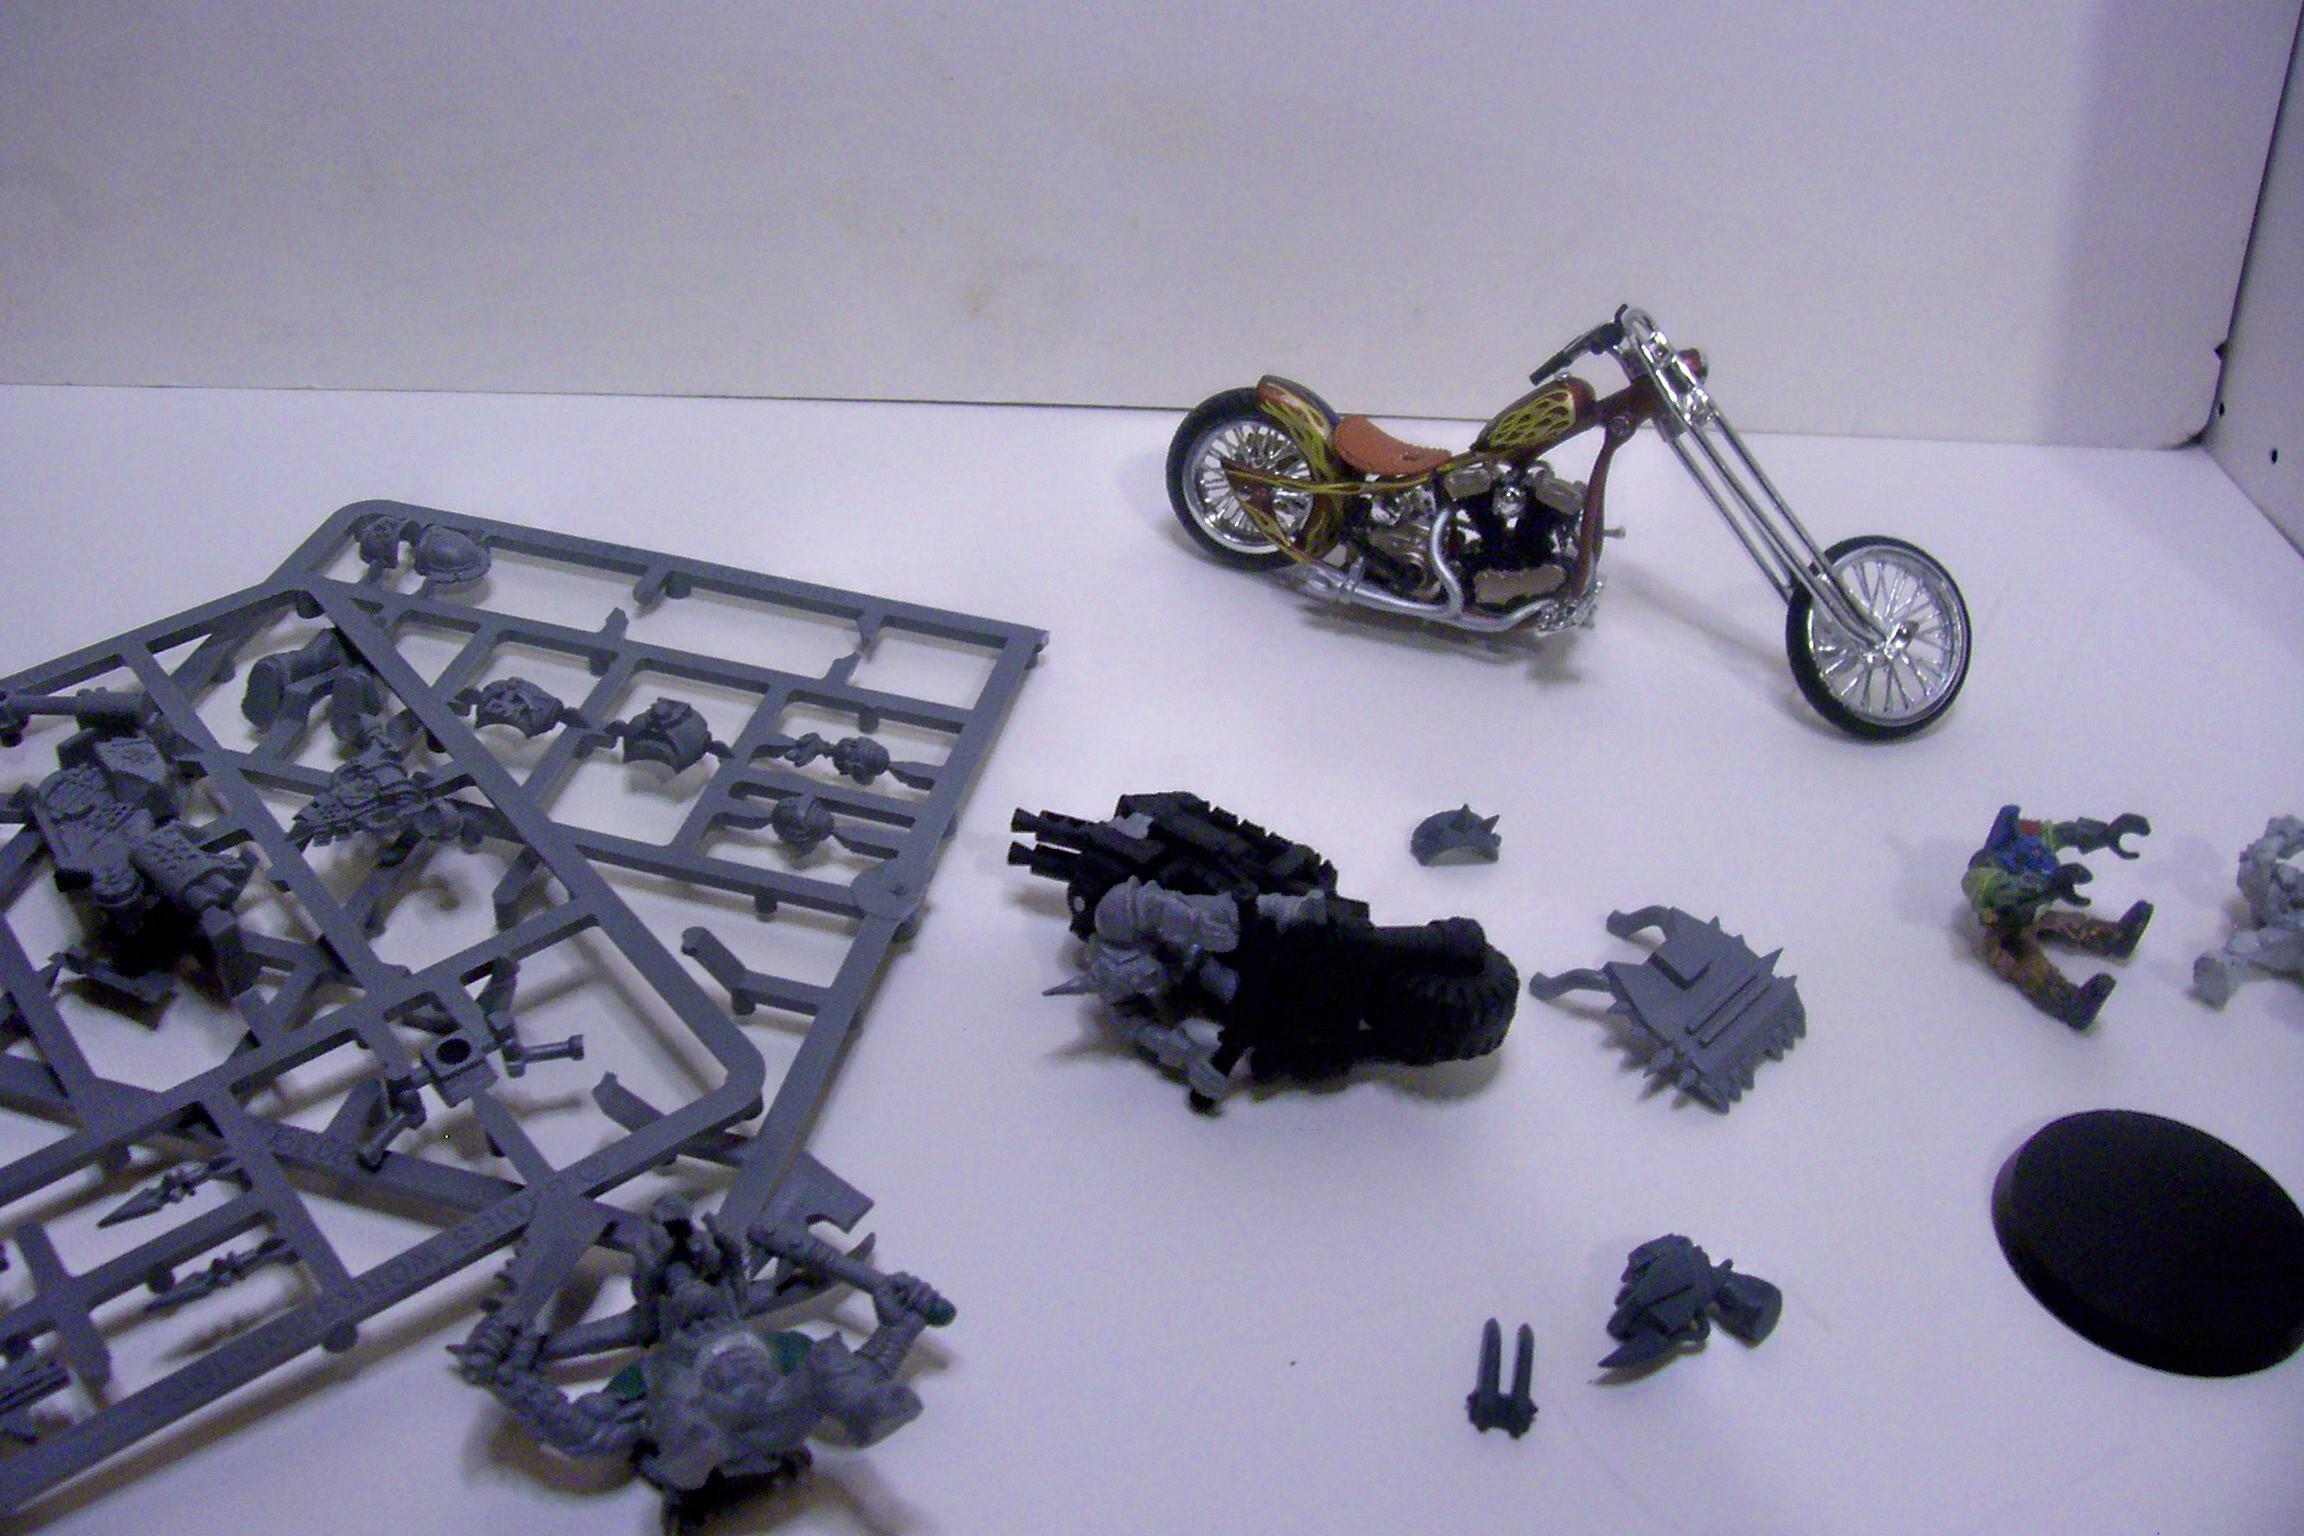 Bike, Conversion, Orks, Toy, Warhammer 40,000, Work In Progress